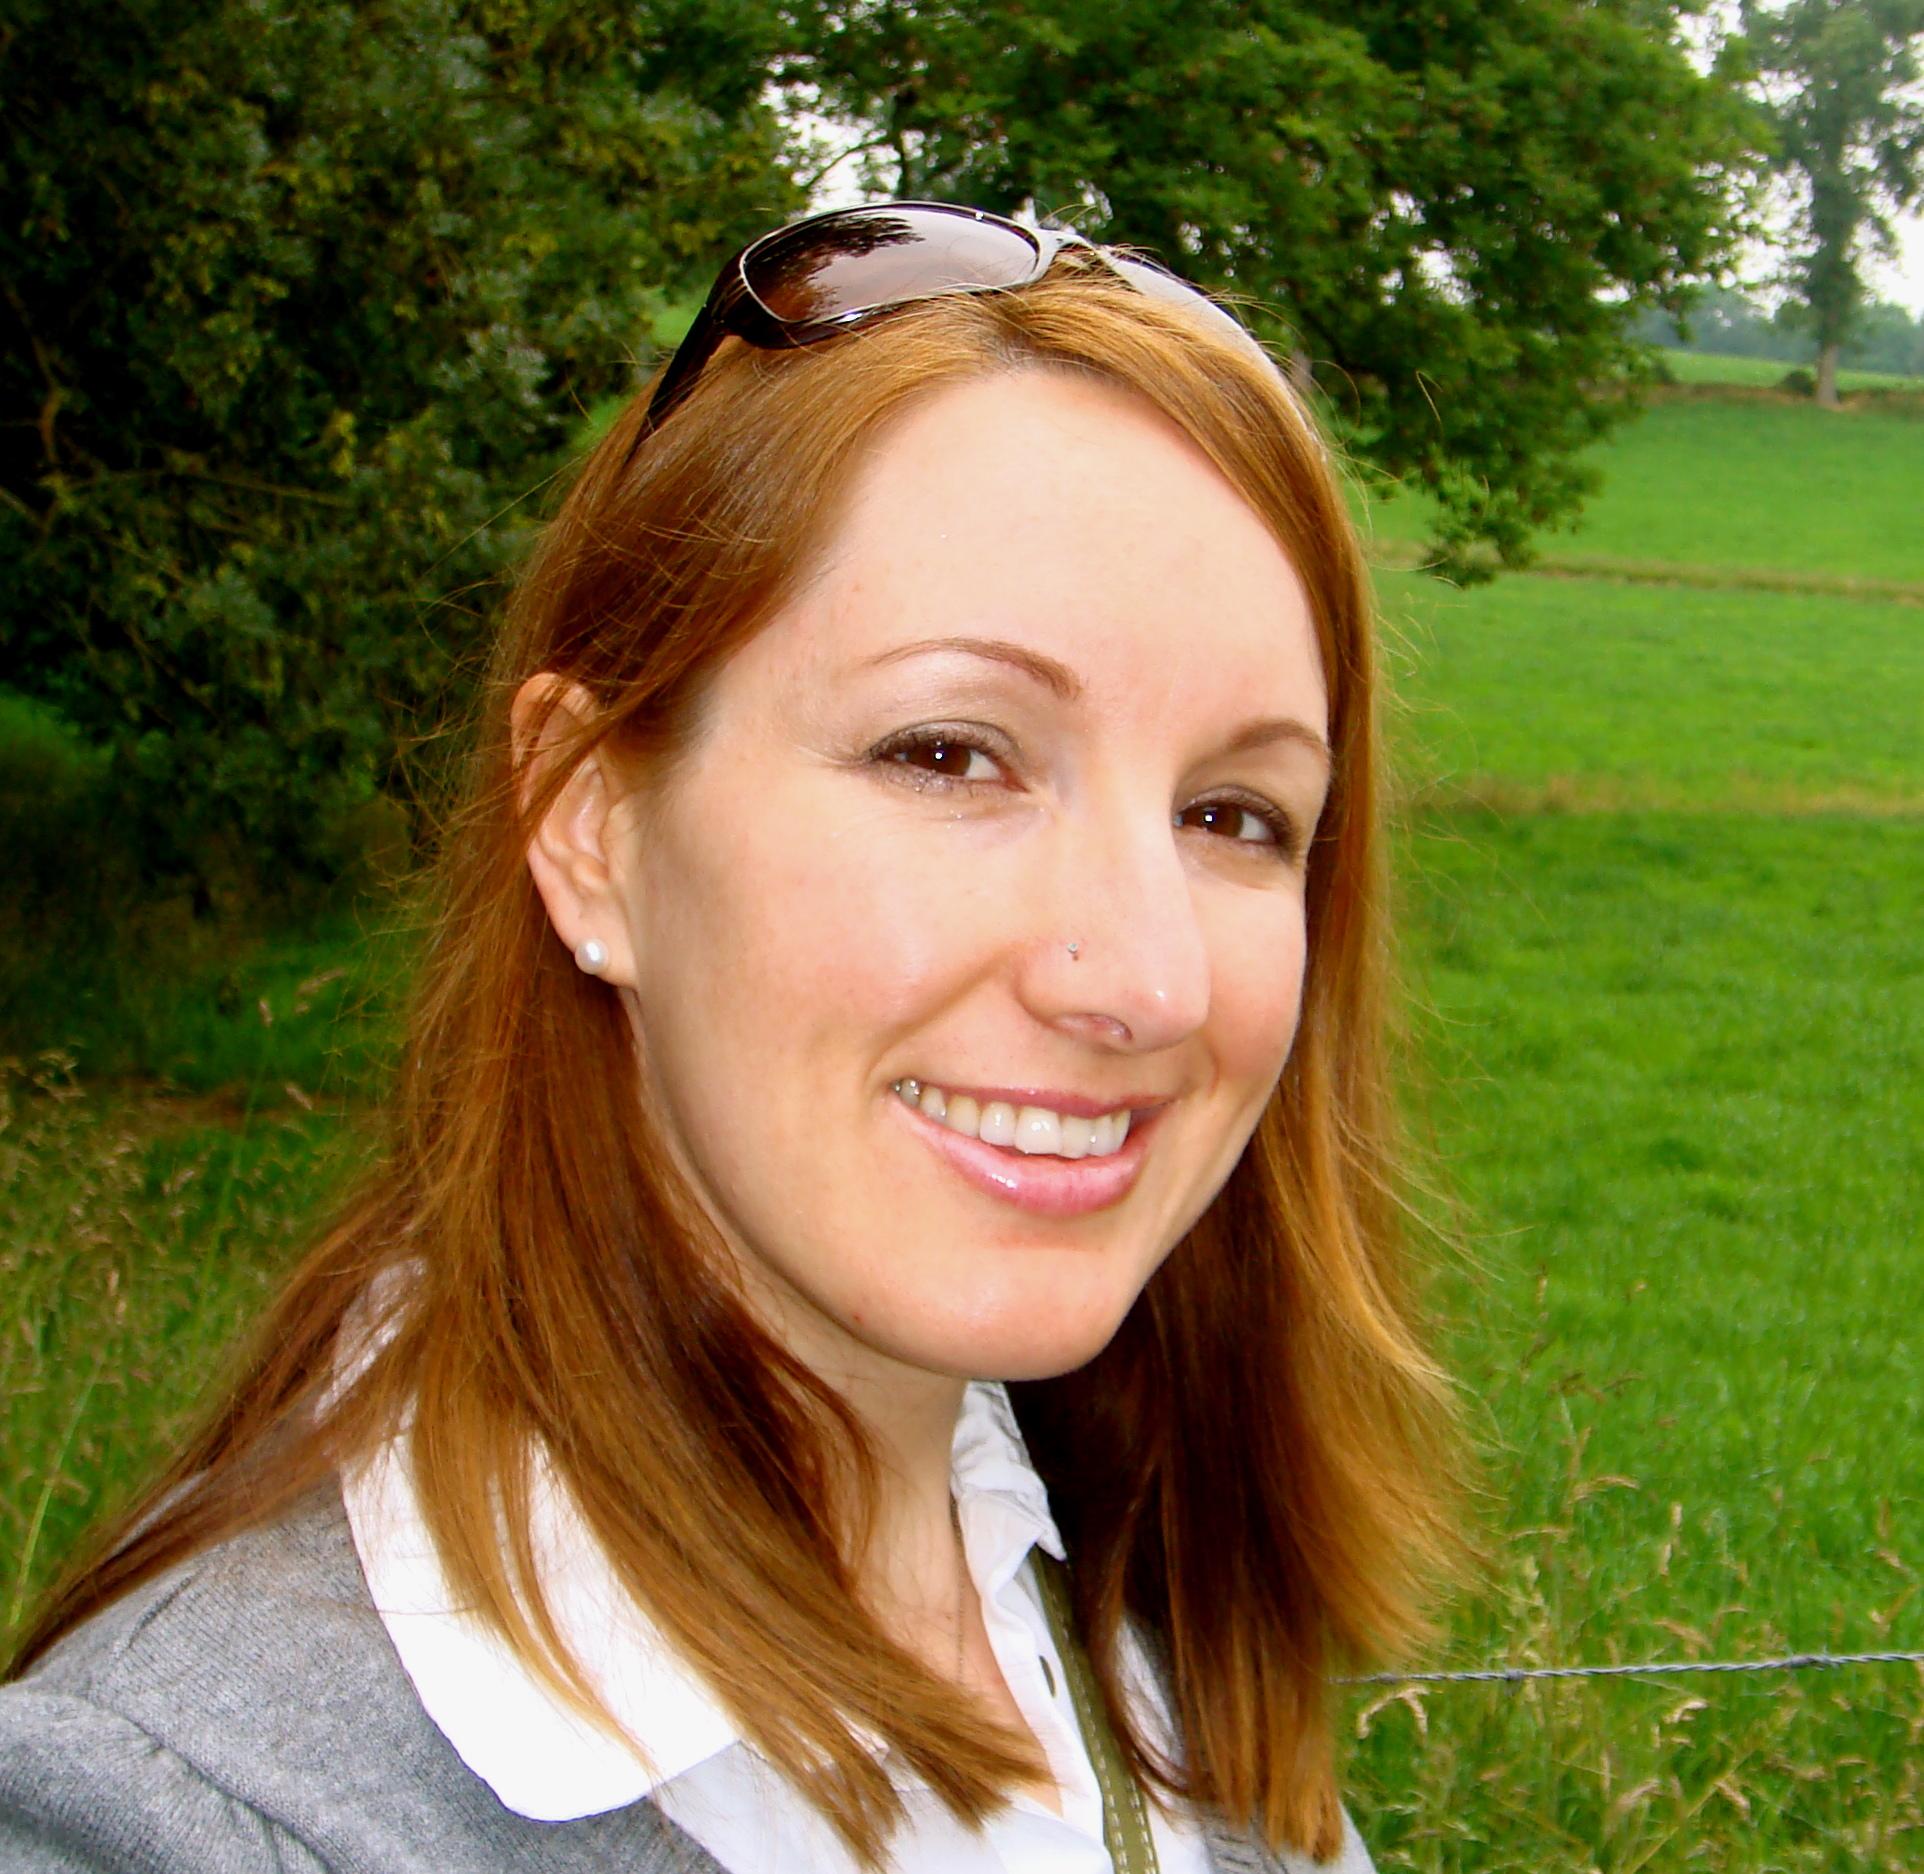 Athena Kolinski